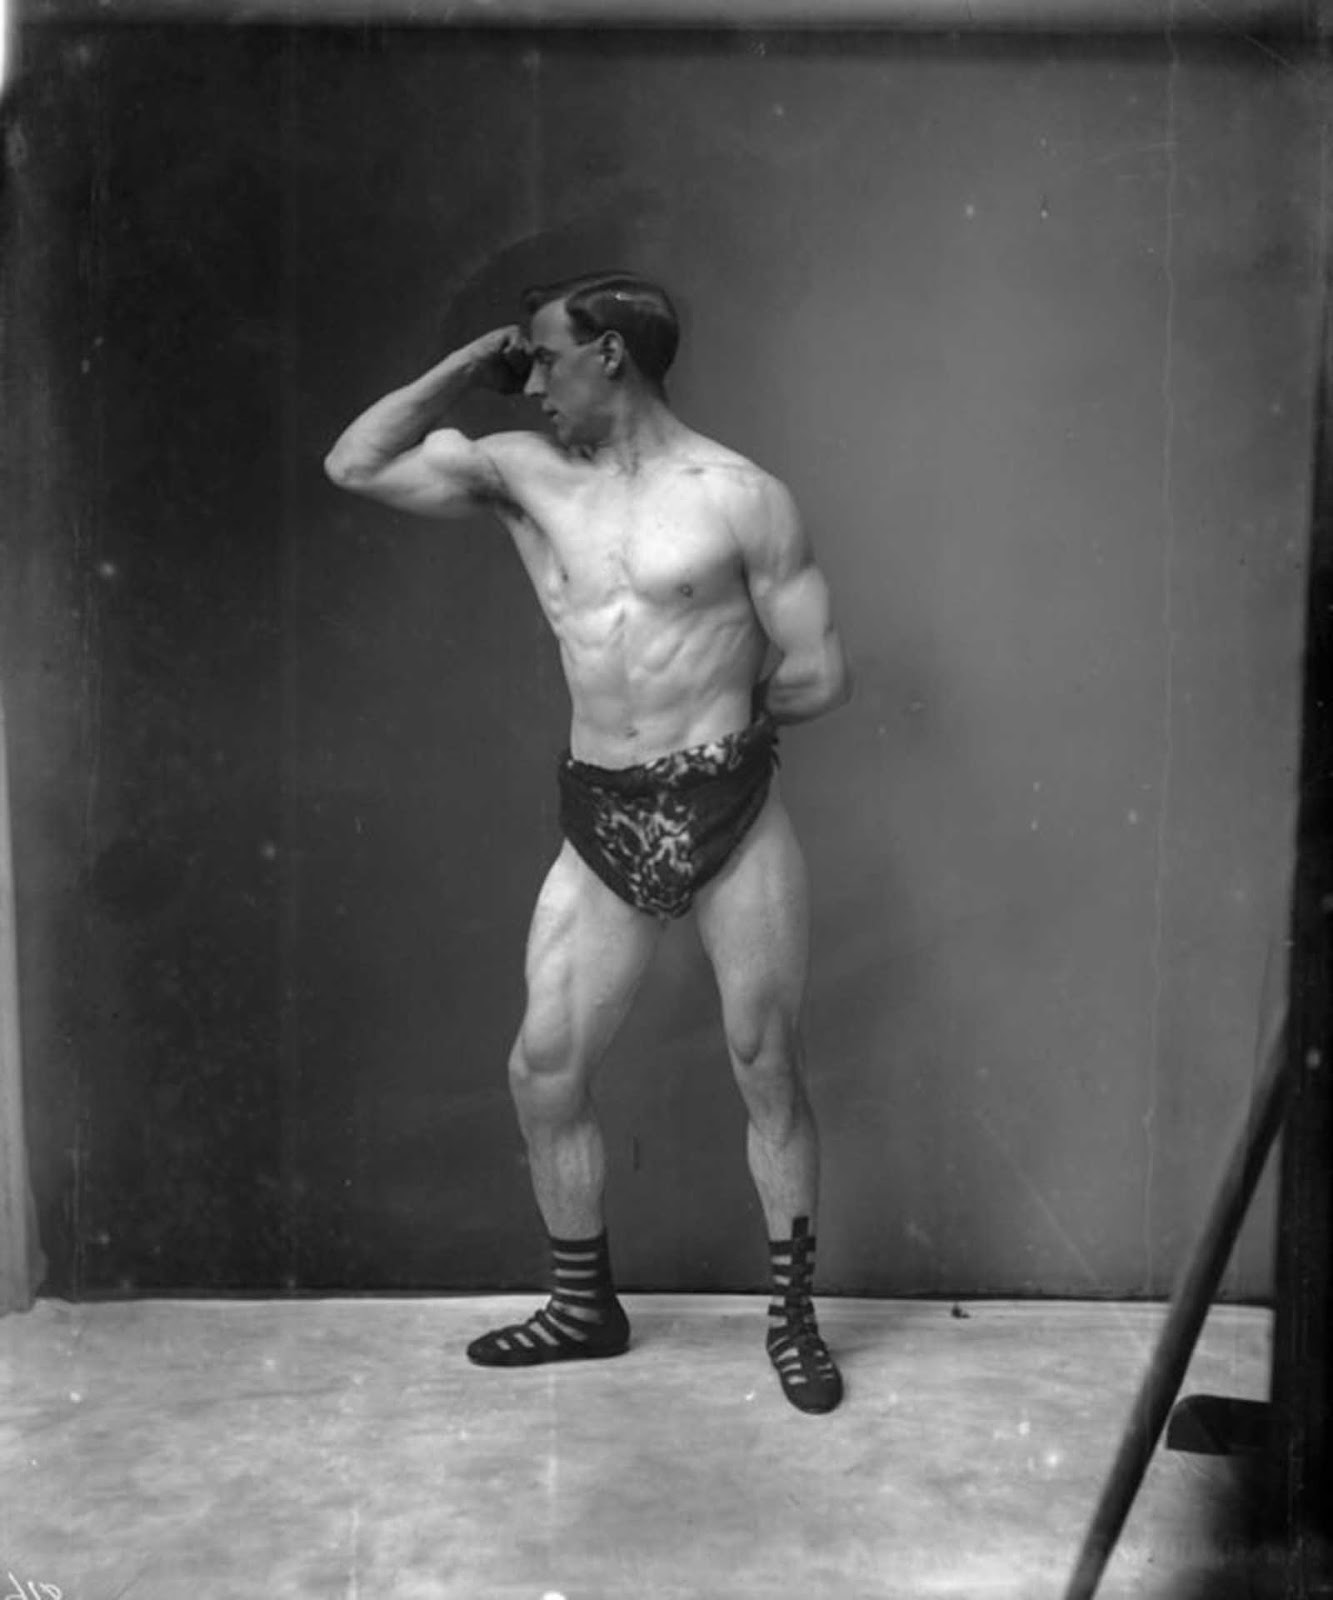 Un culturista conocido como el Sr. Eggleton, el gerente de la escuela física de Sandows en 1905.